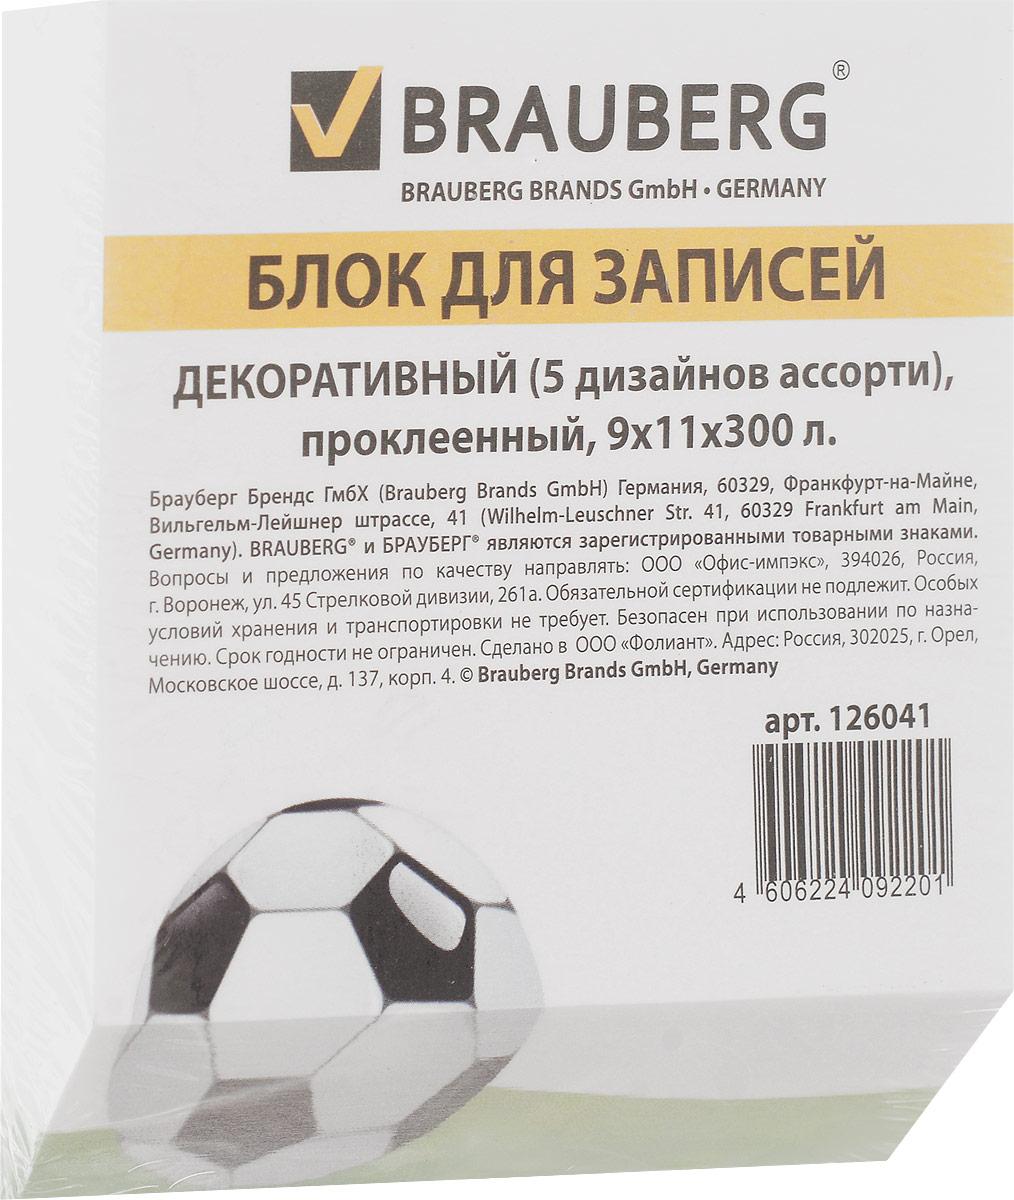 Brauberg Блок для записей Футбольный мяч 9 х 11 см 300 листов2010440Блок для записей Brauberg изготовлен из высококачественной офсетной бумаги. Идеально подходит для быстрой фиксации информации. Благодаря яркой цветовой гамме, современному дизайну и оригинальной конструкции вносит в развитие ребенка яркую ноту.